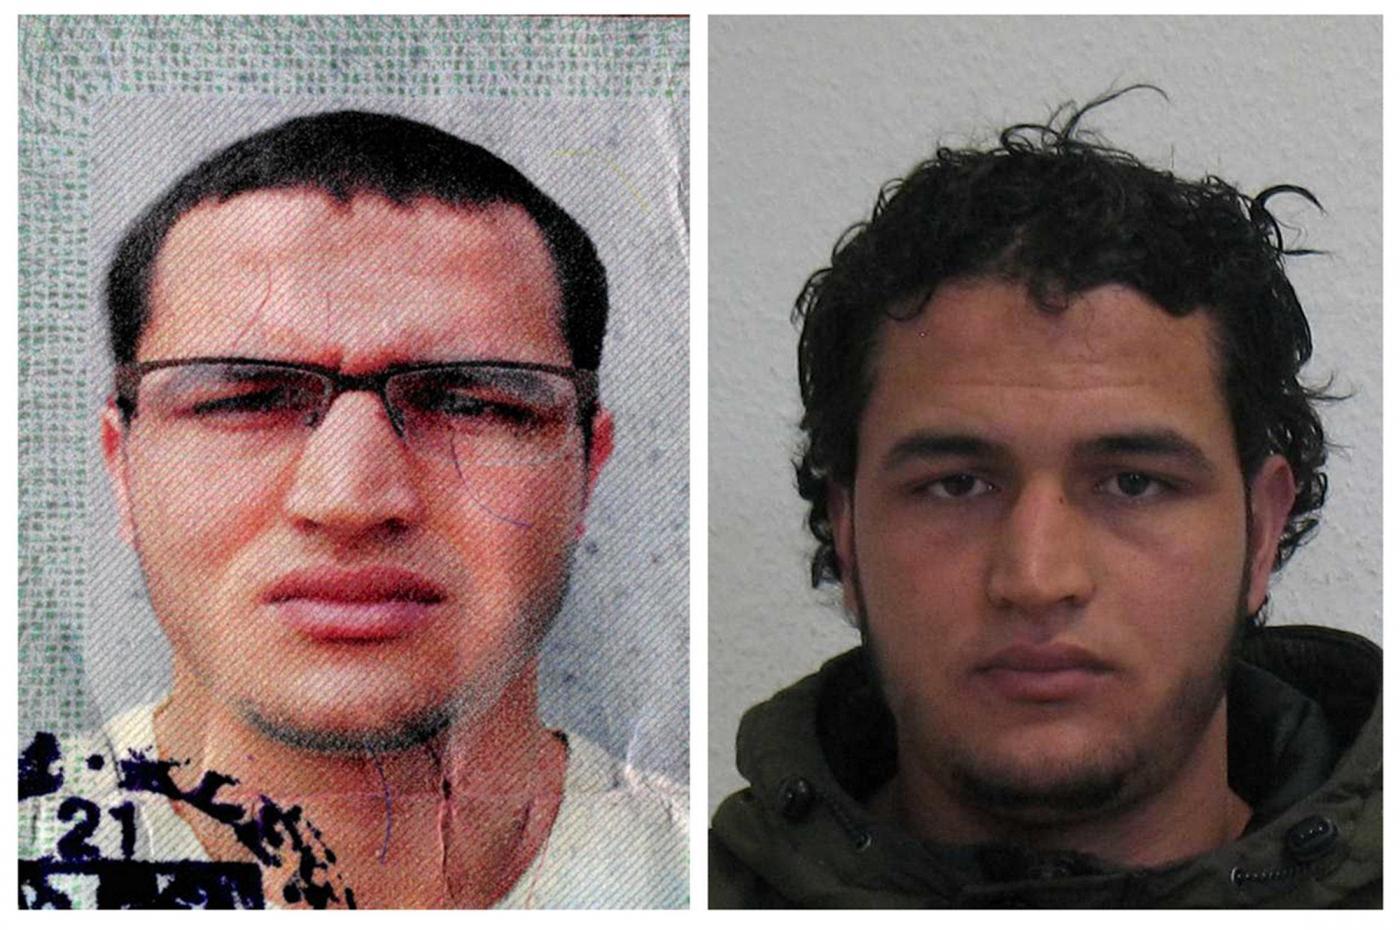 Chi è Anis Amri, il tunisino ricercato per la strage ai mercatini di Natale di Berlino